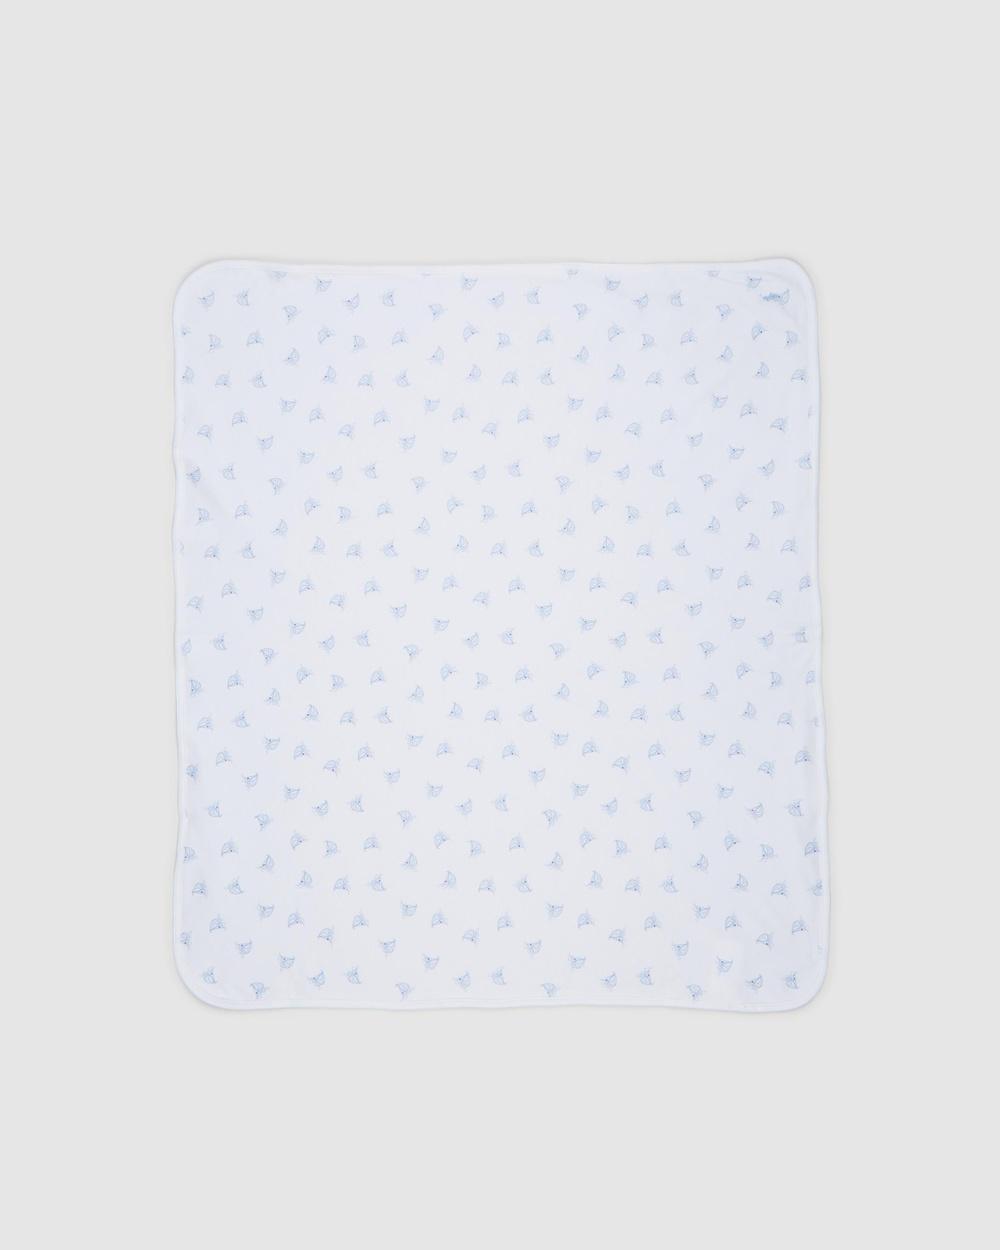 Polo Ralph Lauren Reversible Sailboat Blanket Home White & Blue